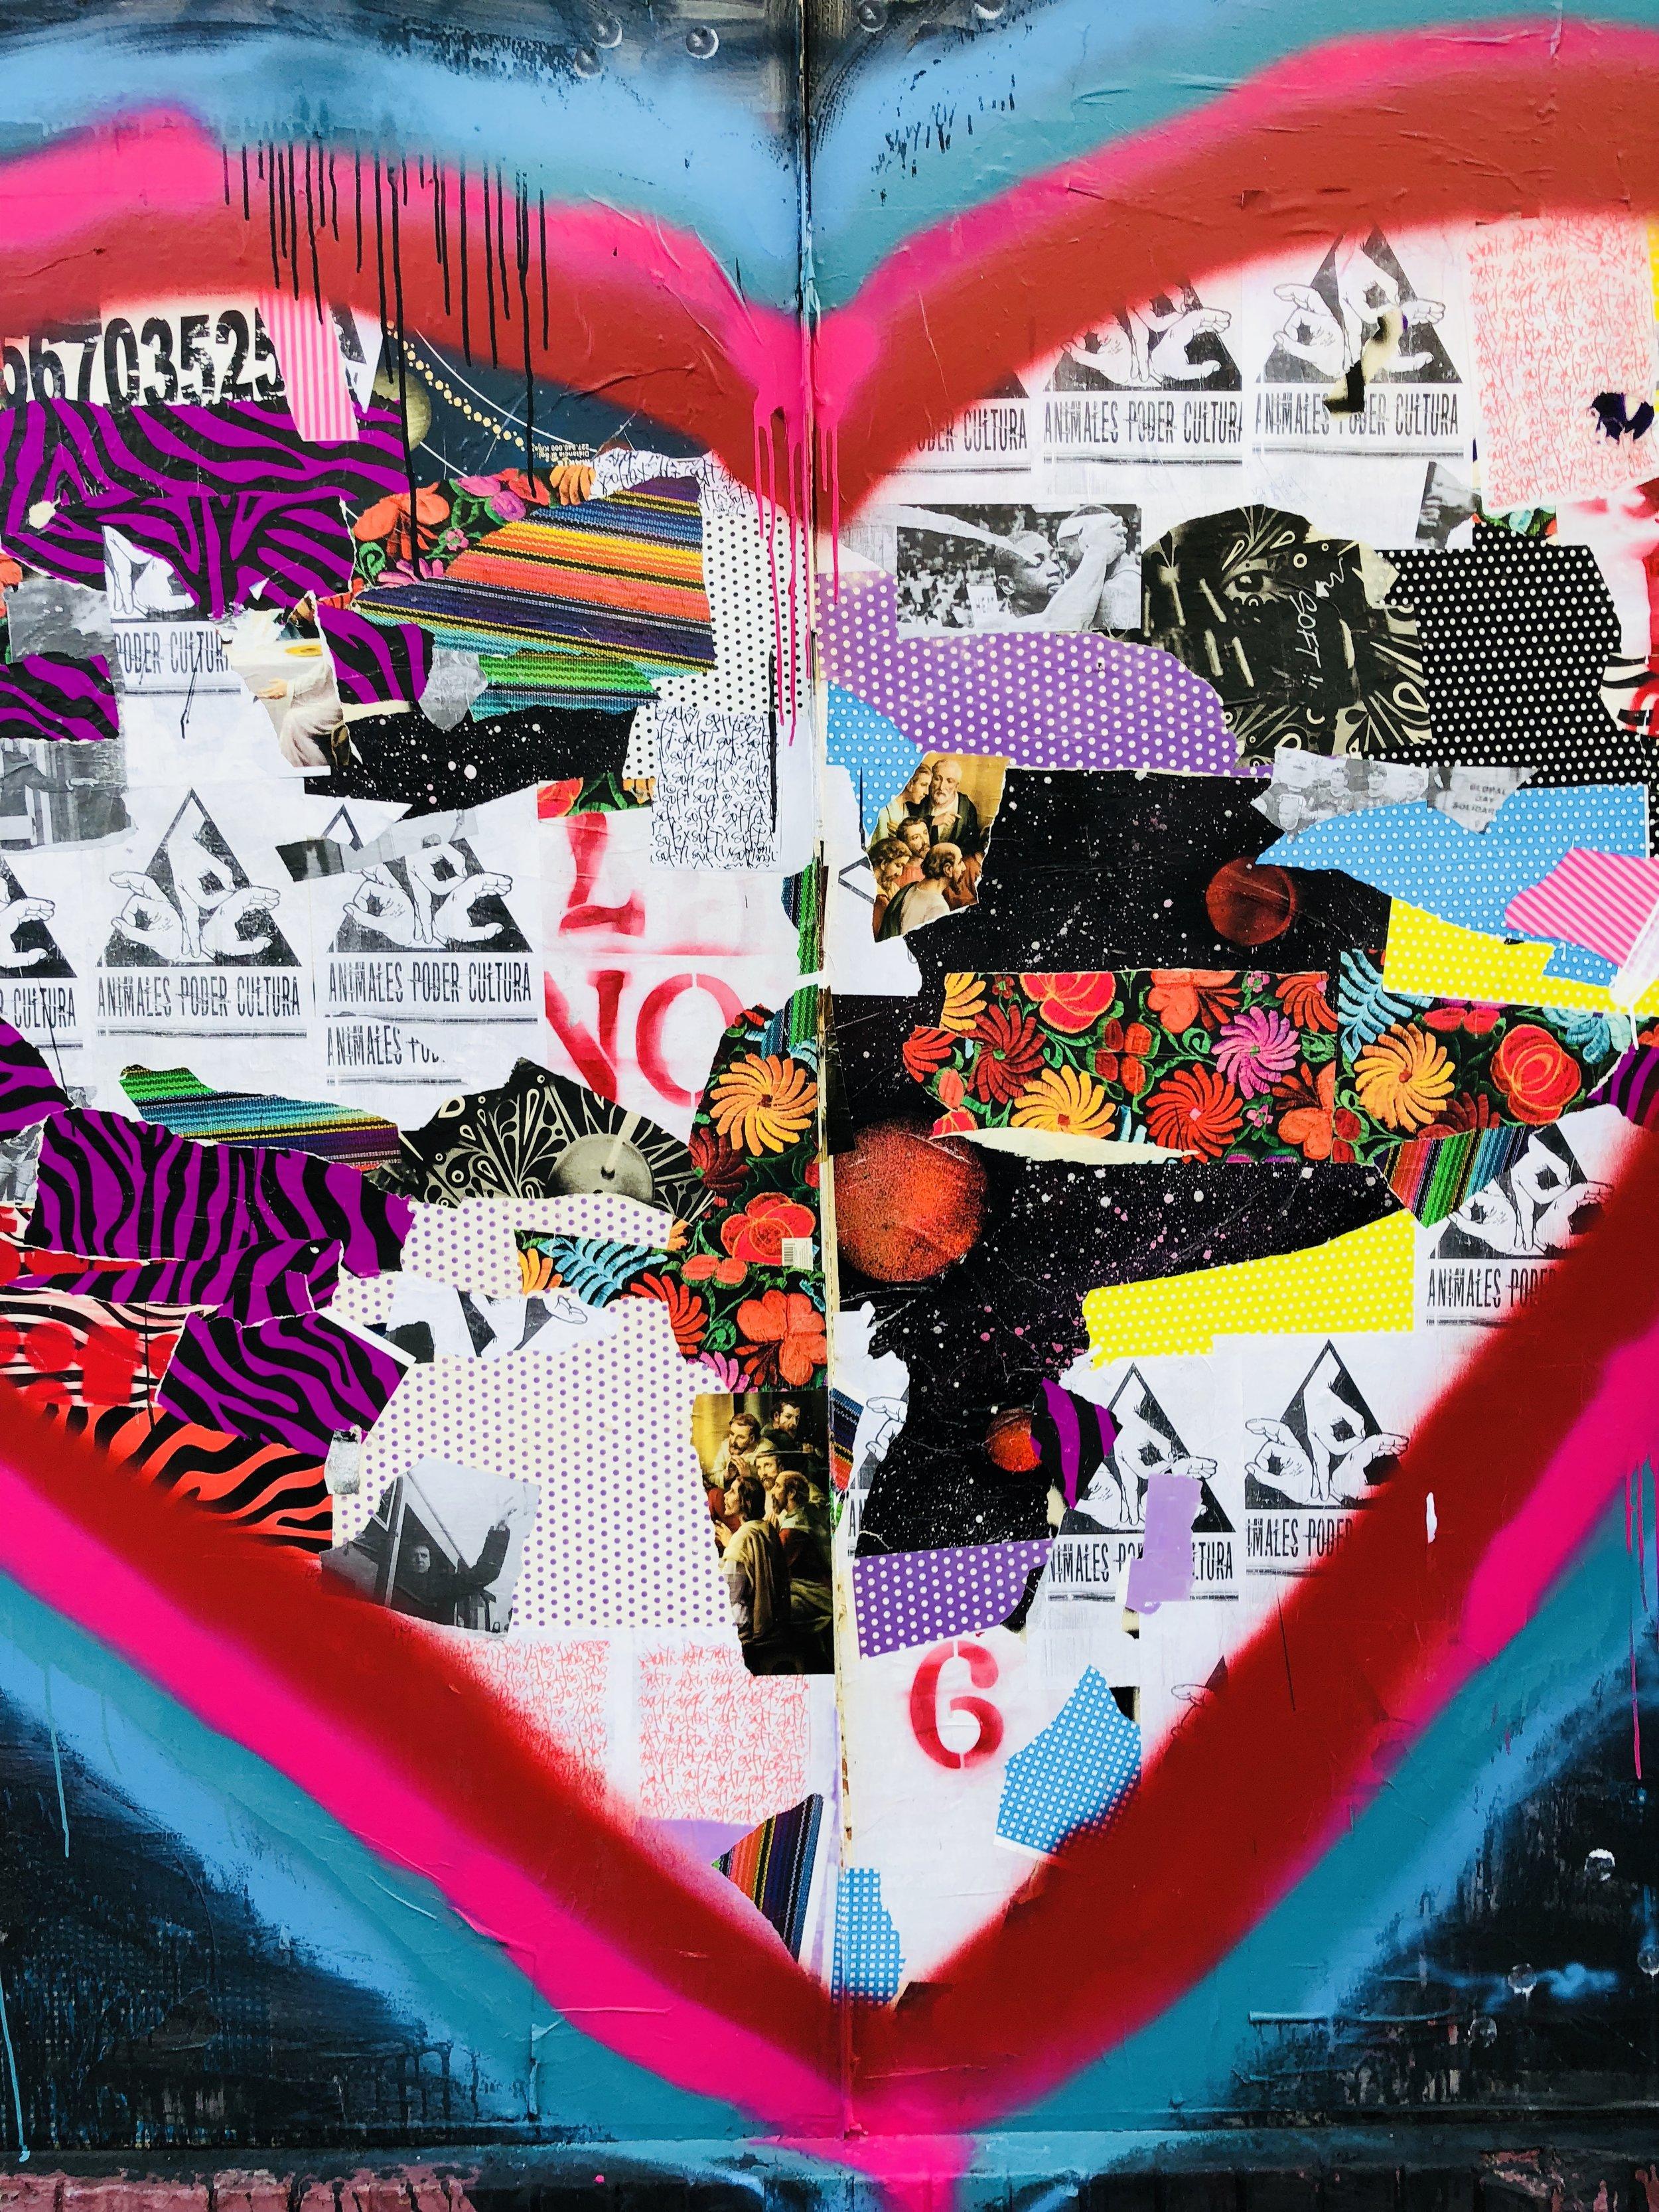 Guatemala City graffiti